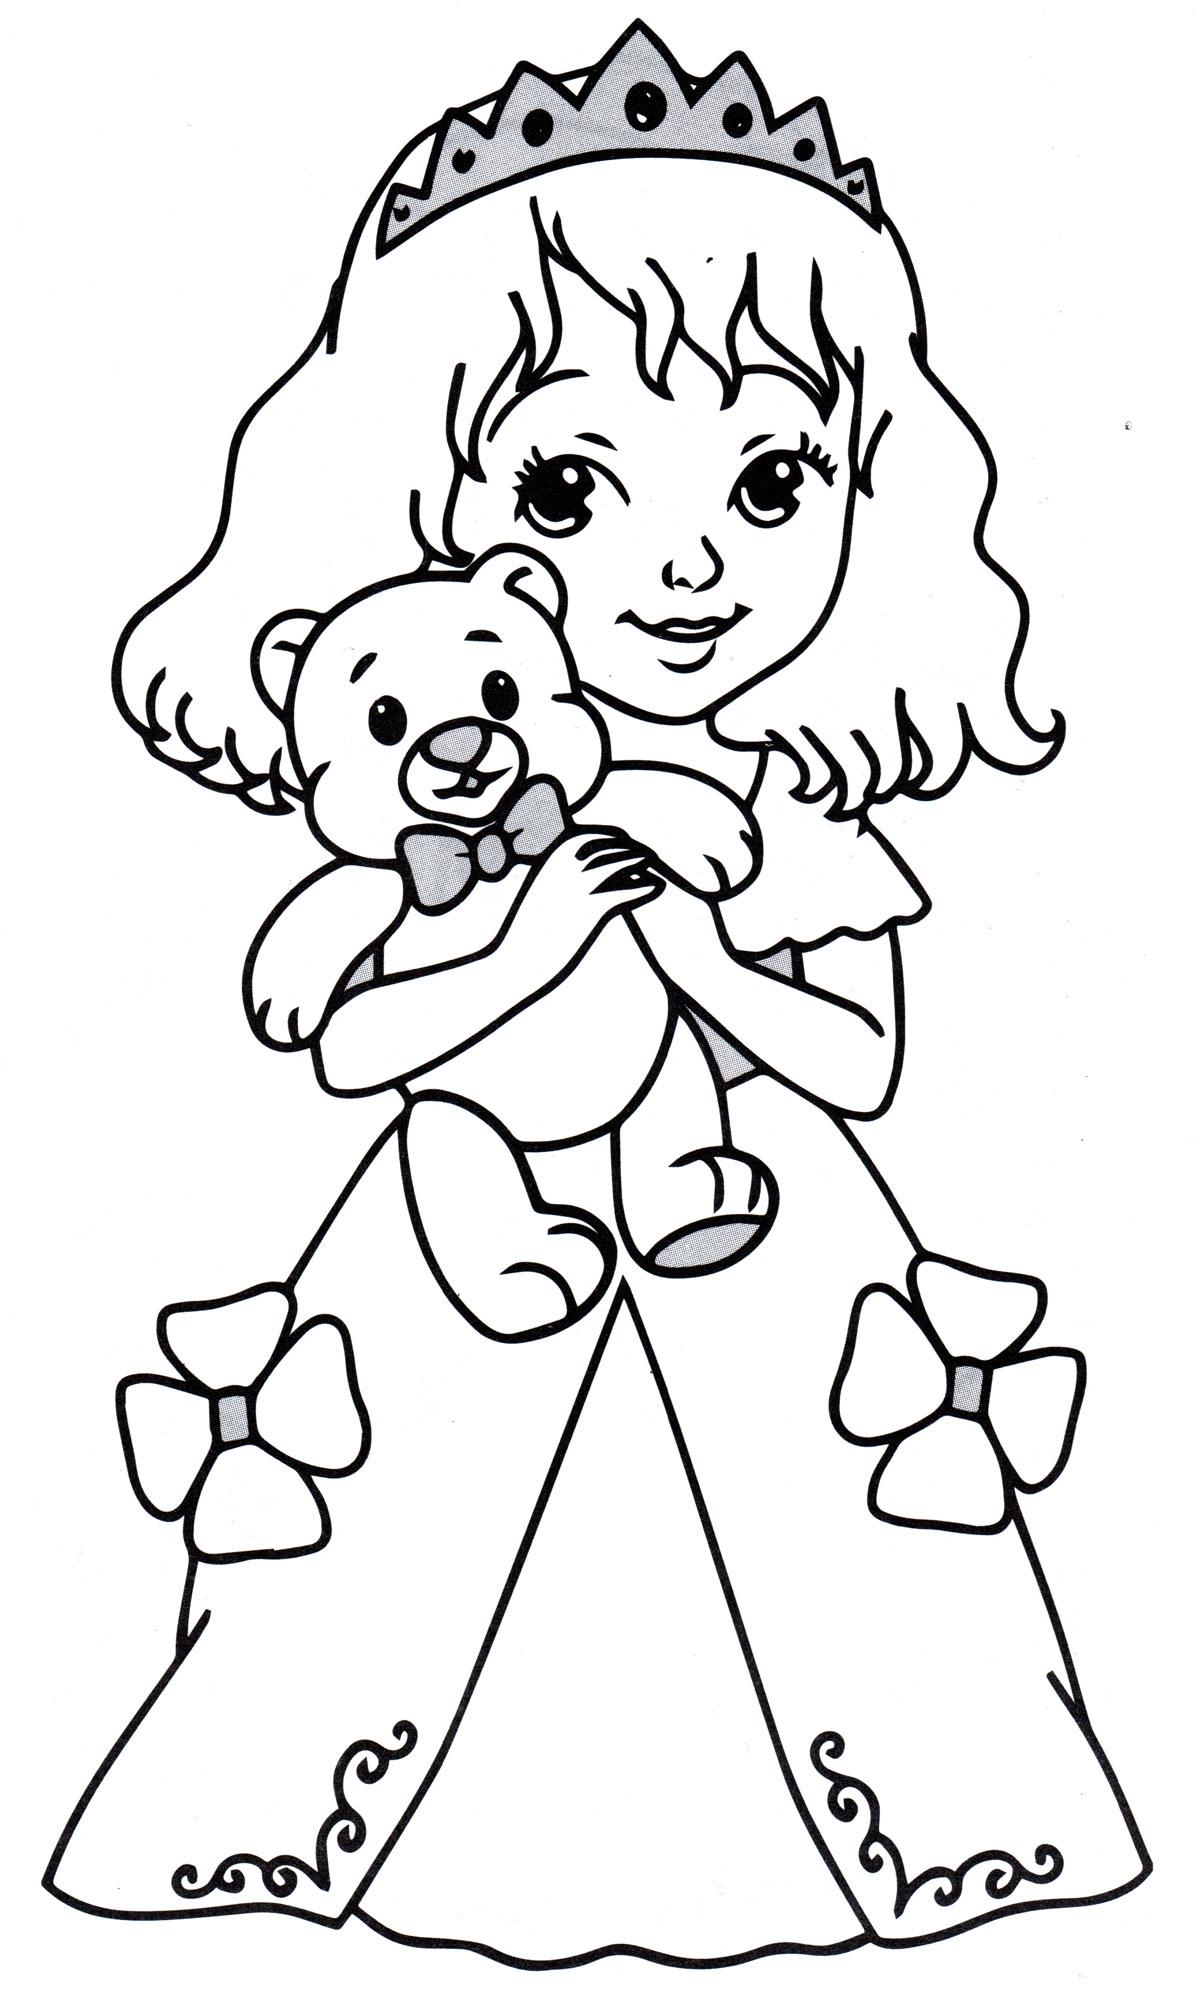 Раскраска Принцесса с плюшевым мишкой - распечатать бесплатно